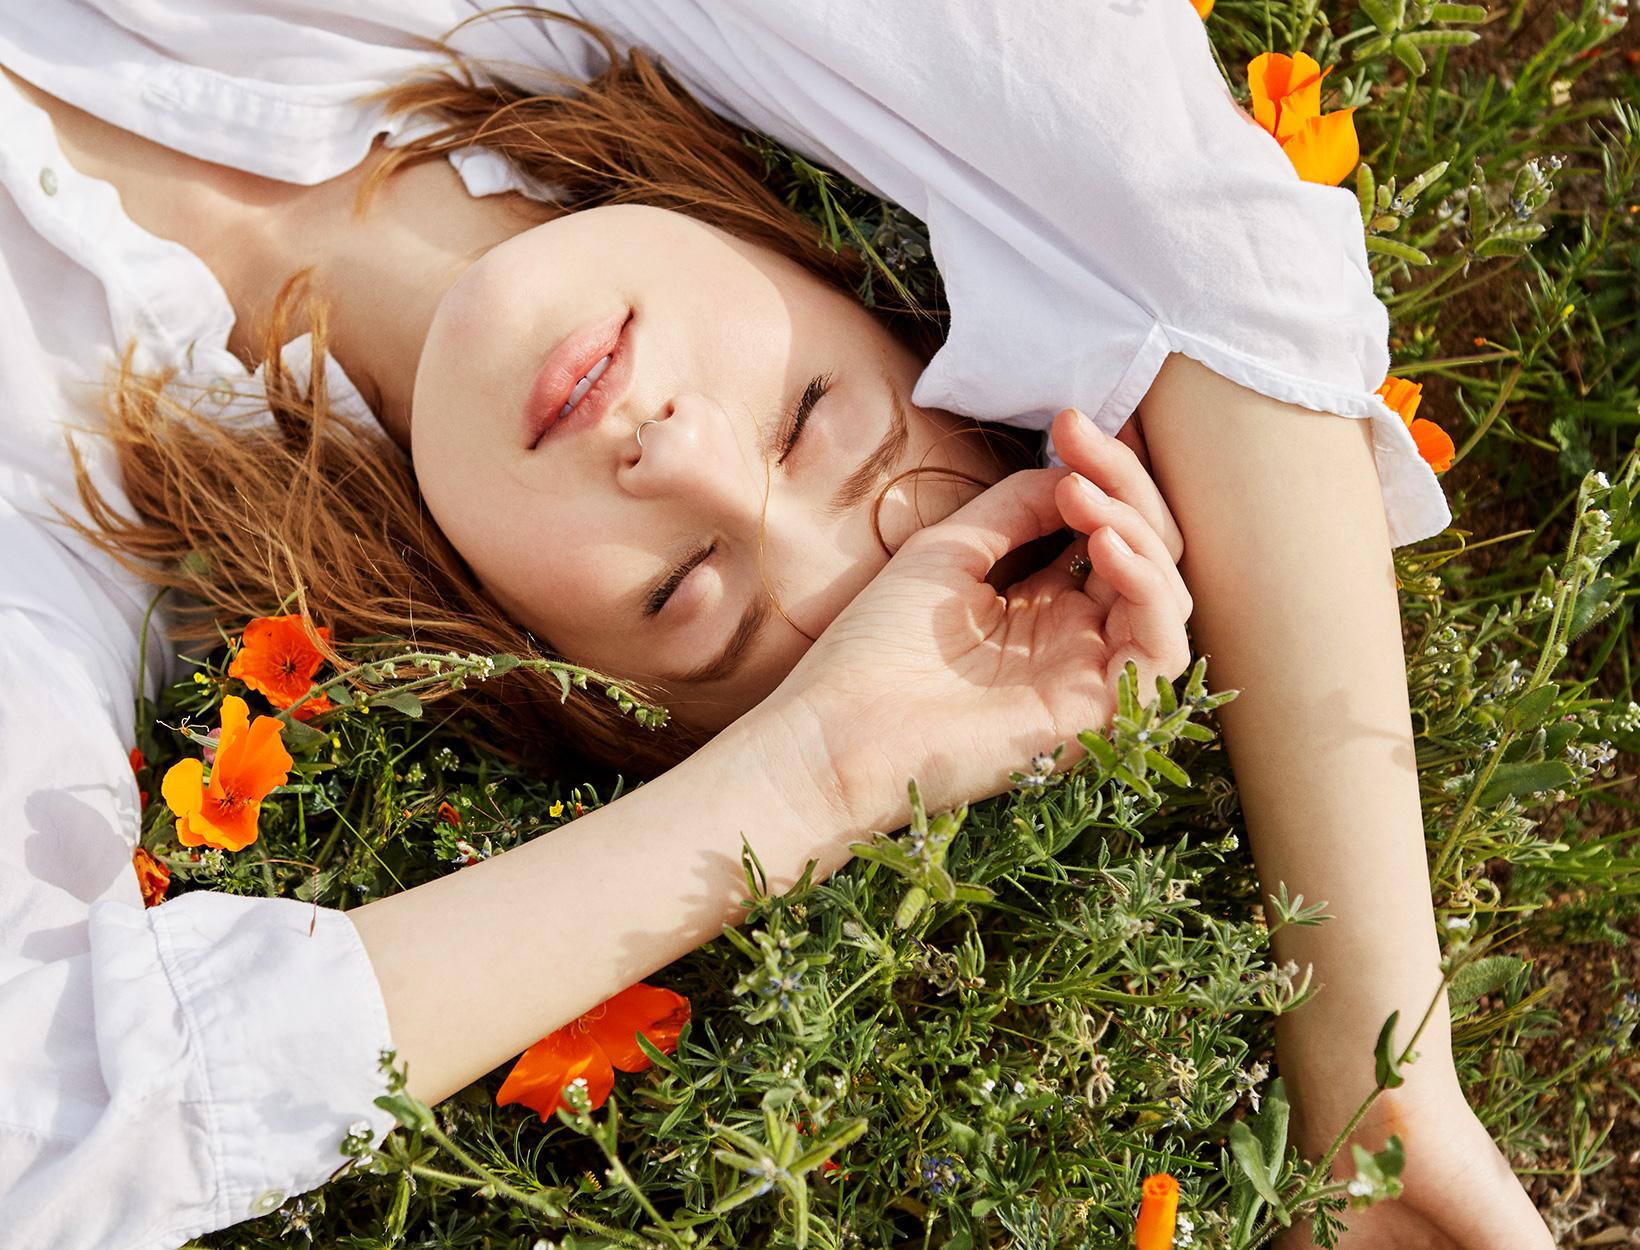 7 Steps to Better Sleep from the Body Whisperer